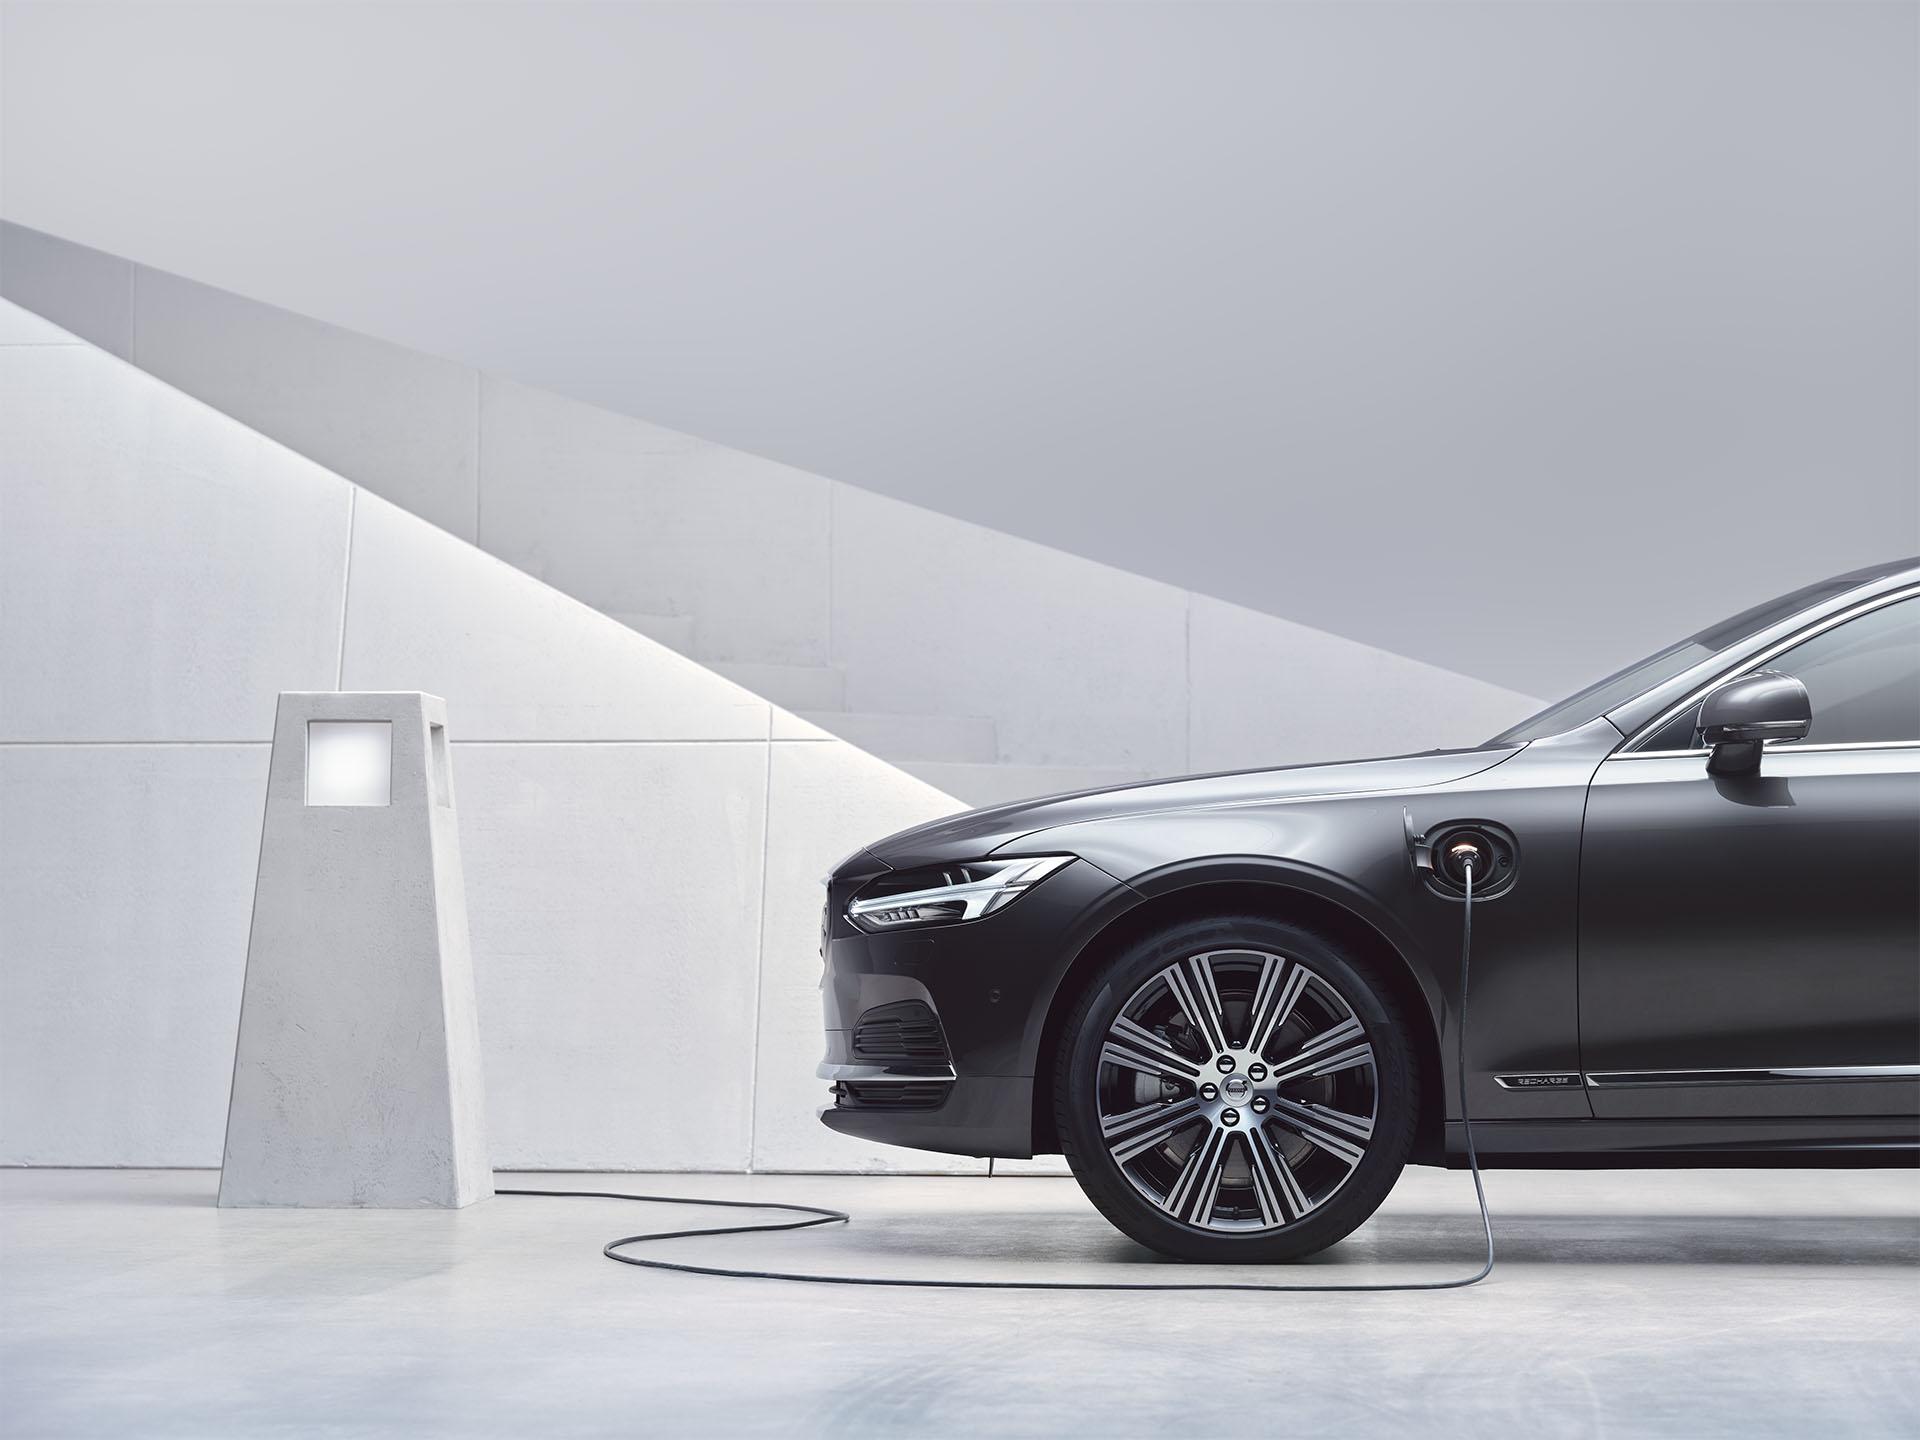 Un Volvo S90 híbrido recargable se está recargando